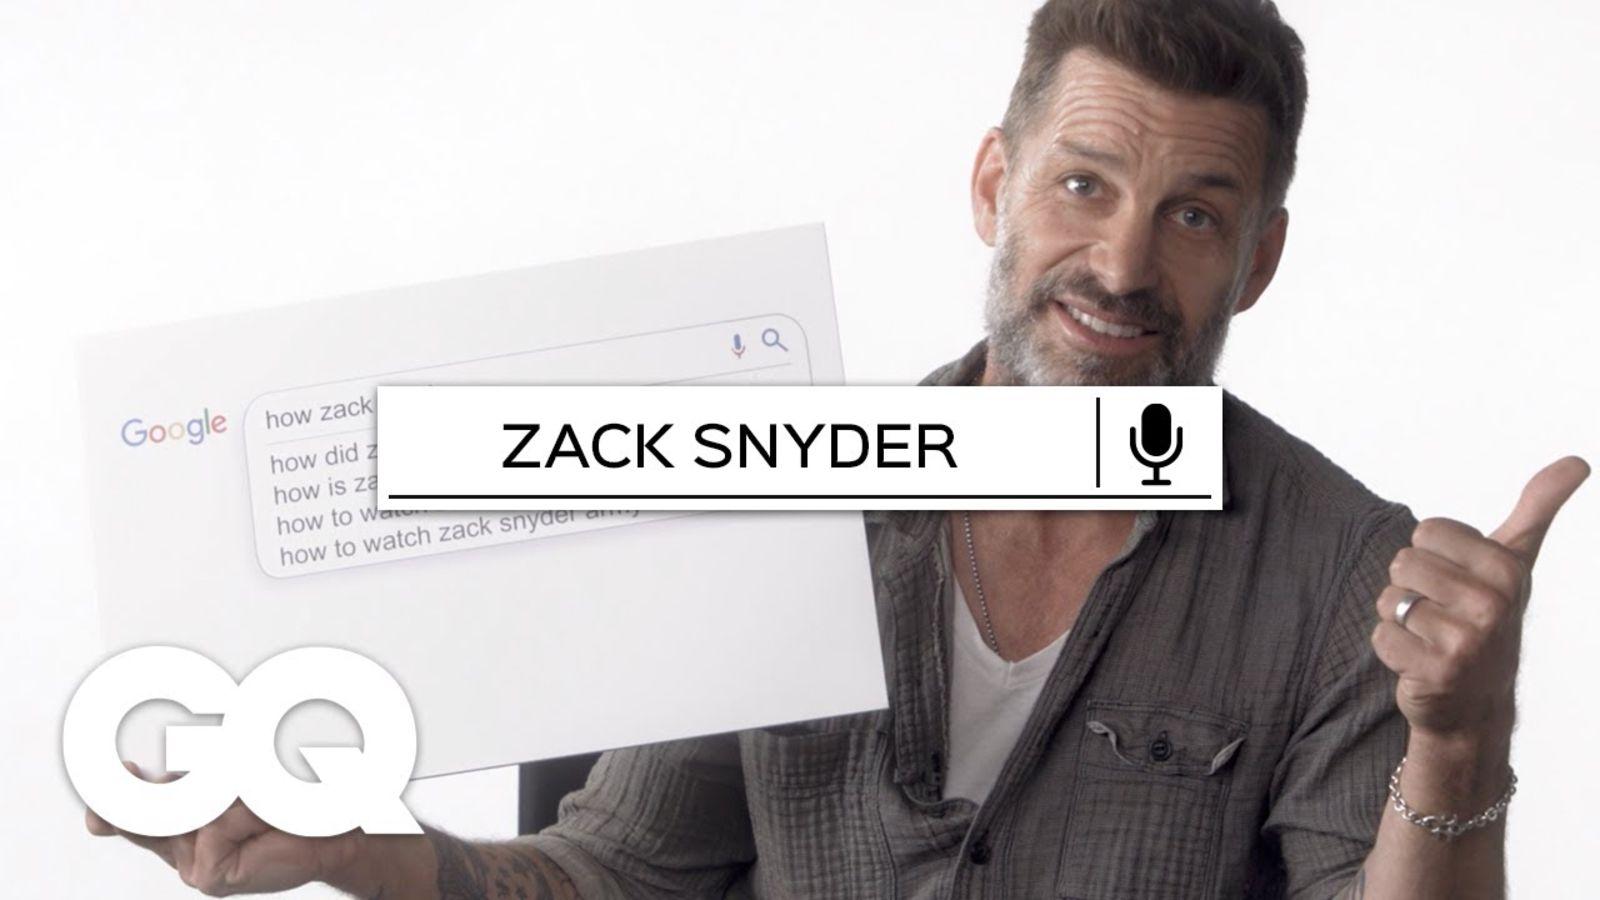 Zack Snyder responde todo de Internet | Lo más buscado | GQ México y Latinoamérica